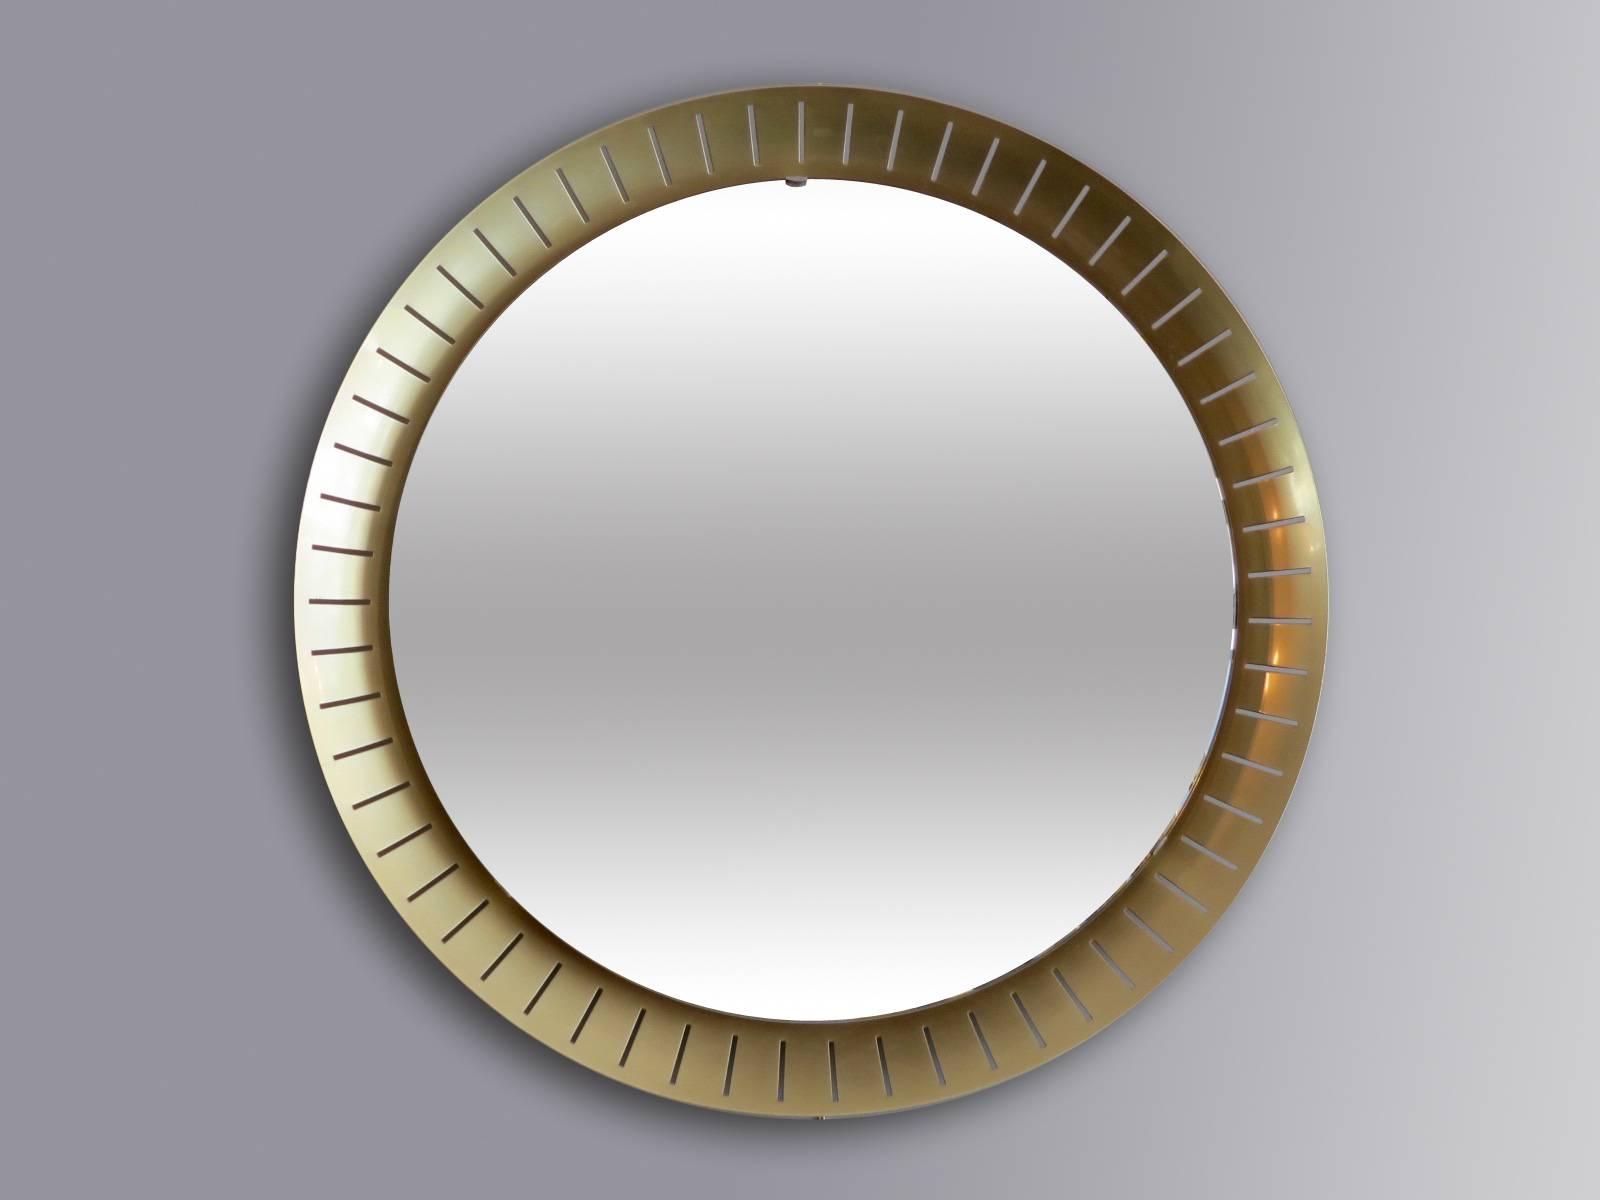 Large Circular Mirrors From Stilnovo, 1971, Set Of 2 For Sale At For Large Circular Mirrors (View 22 of 25)